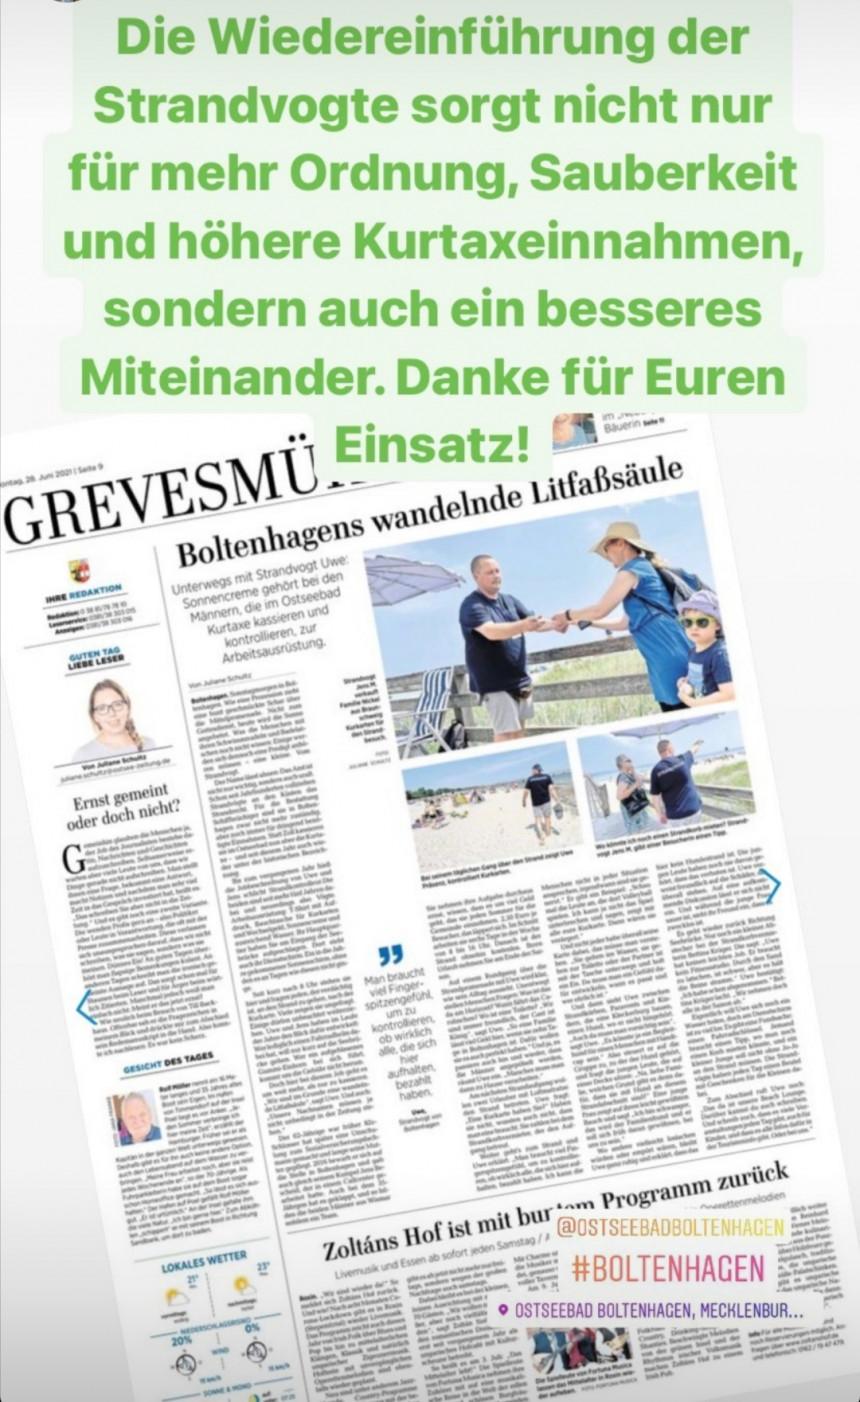 Danke an Boltenhagener Strandvögte, die unseren Gästen als Ansprechpartner behilflich sind und zudem für Ordnung und Sauberkeit sorgen.